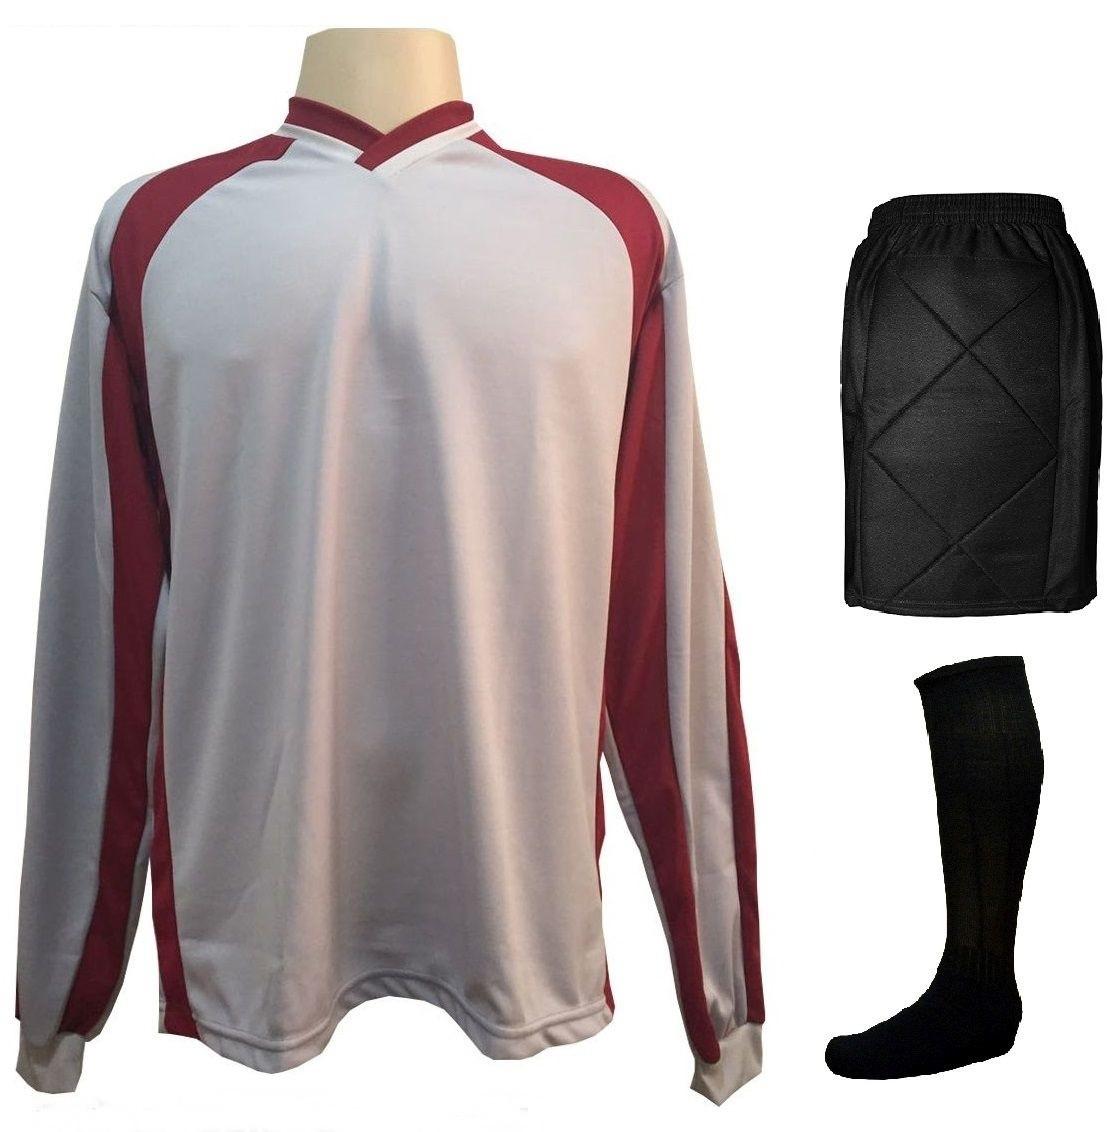 Fardamento Completo modelo Bélgica 20+2 (20 camisas Verde/Branco + 20 calções modelo Madrid Verde + 20 pares de meiões Branco + 2 conjuntos de goleiro) + Brindes